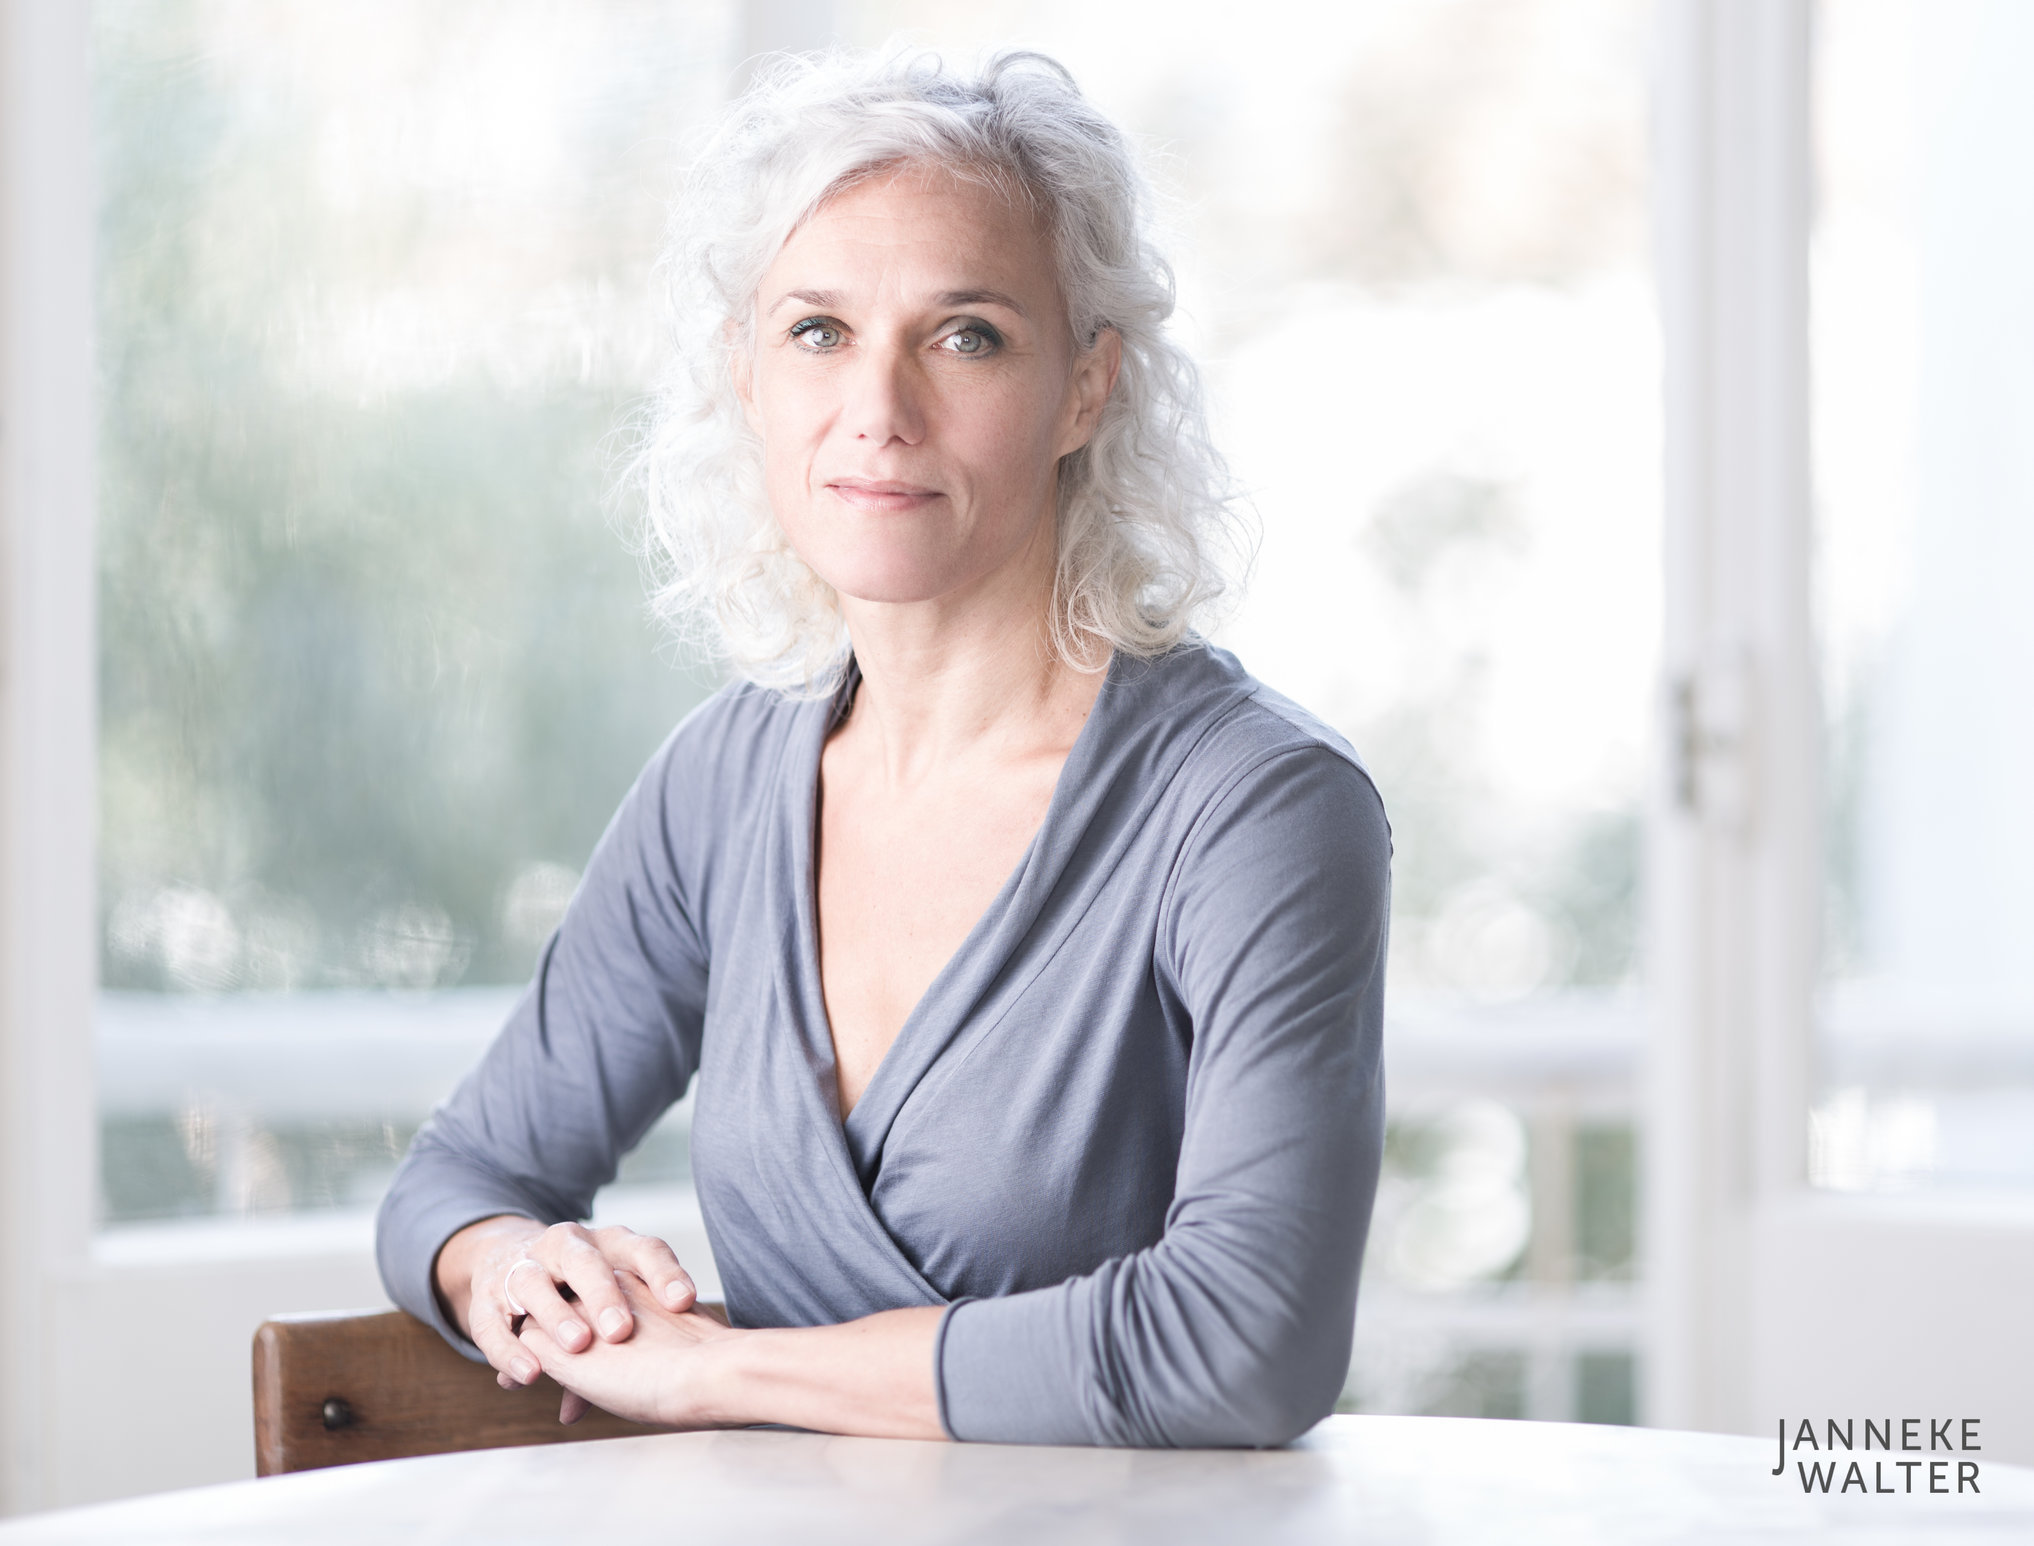 portretfoto vrouw aan tafel bij raam © Janneke Walter, fotograaf Utrecht De Bilt, portretfotograaf, portret, portretfotografie